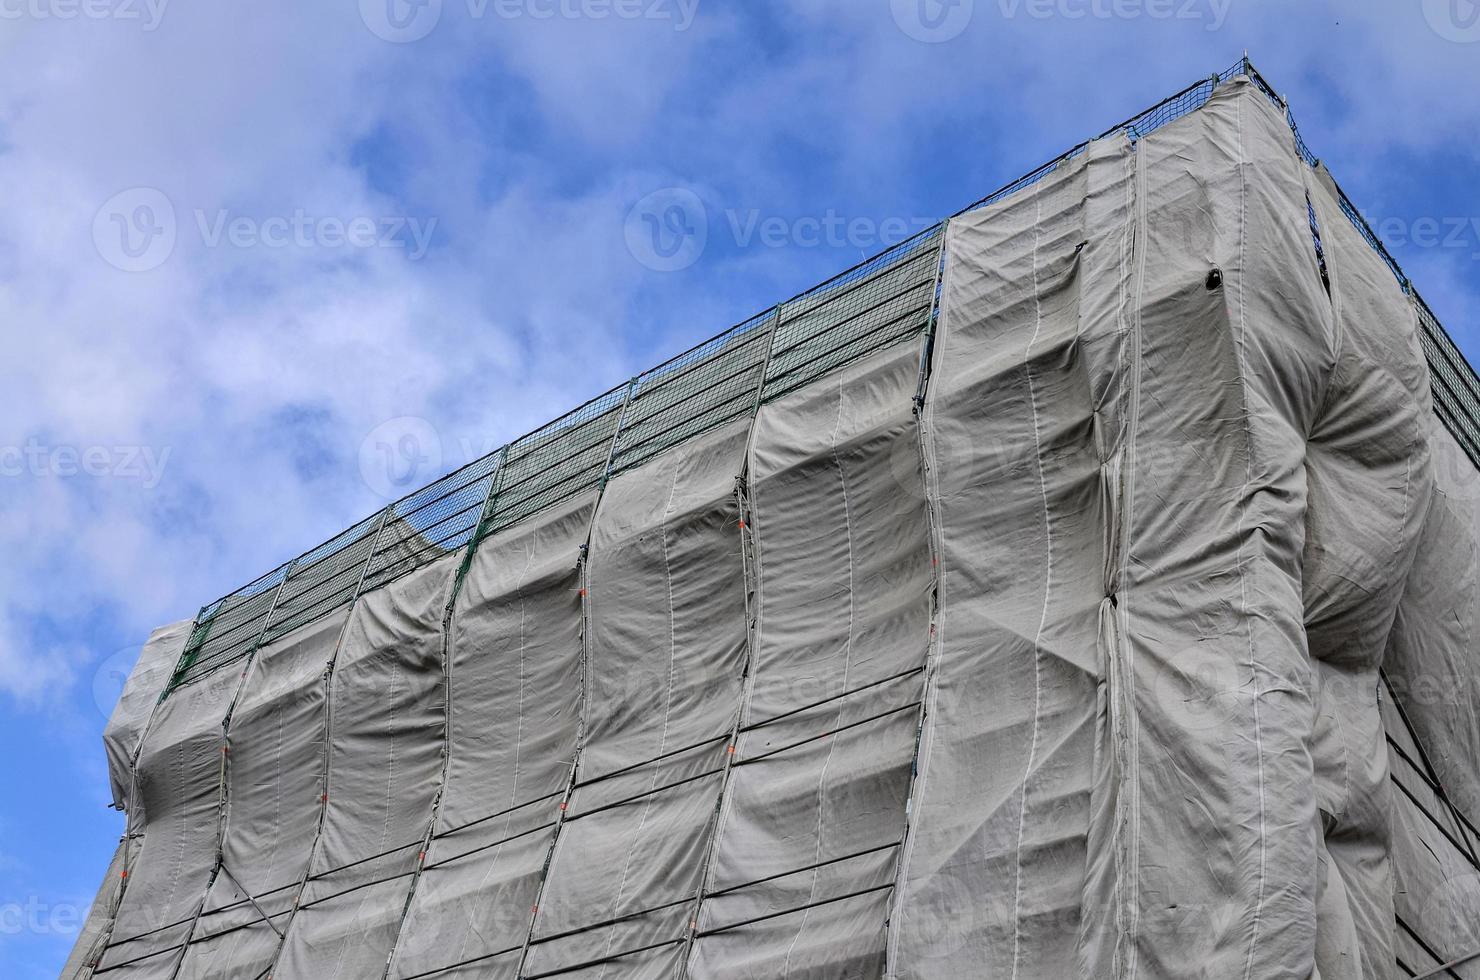 cantiere coperto di tela cerata grigia foto